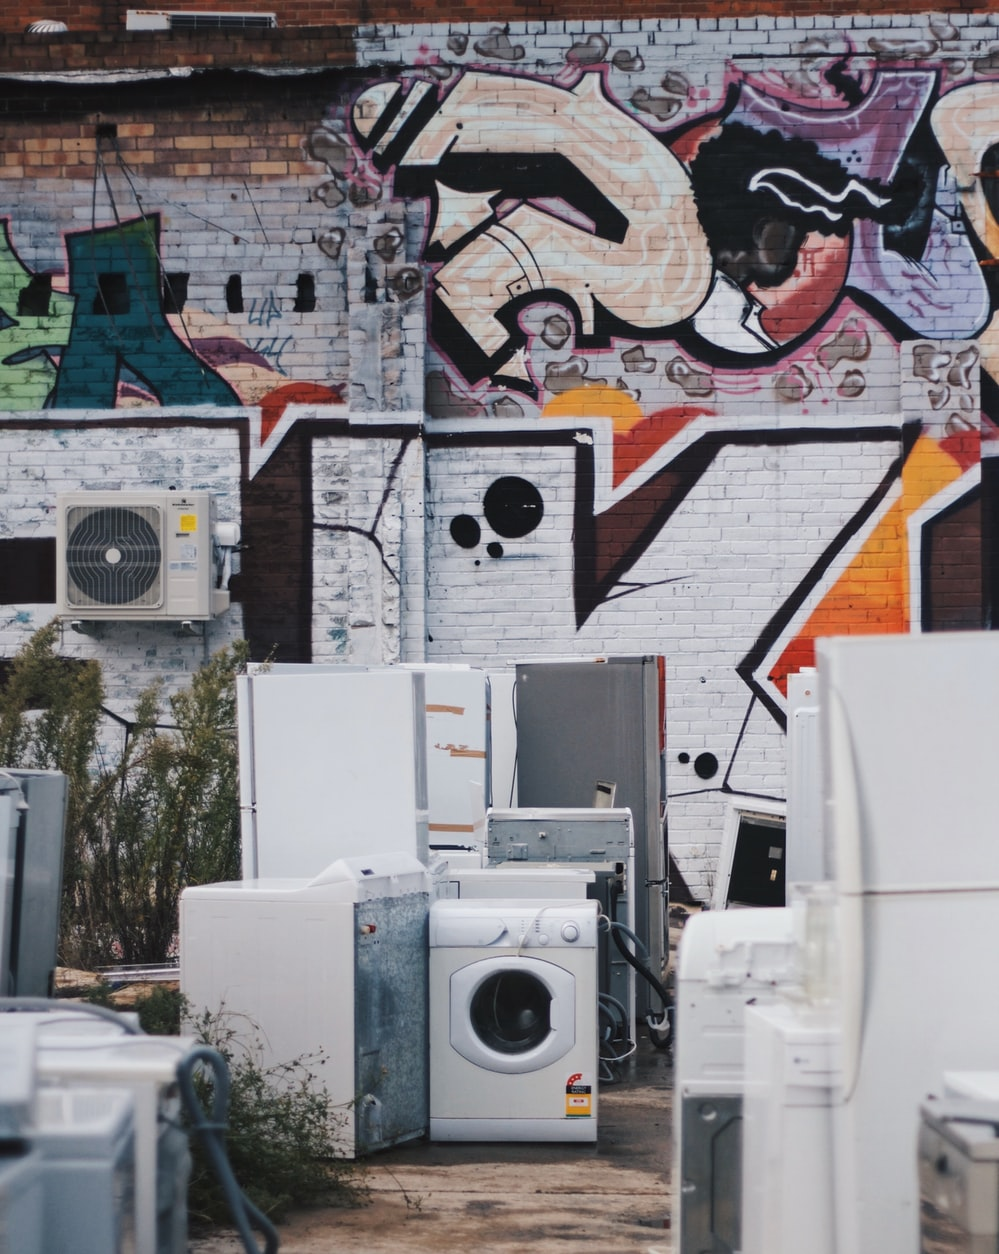 Kitchen appliances to dispose